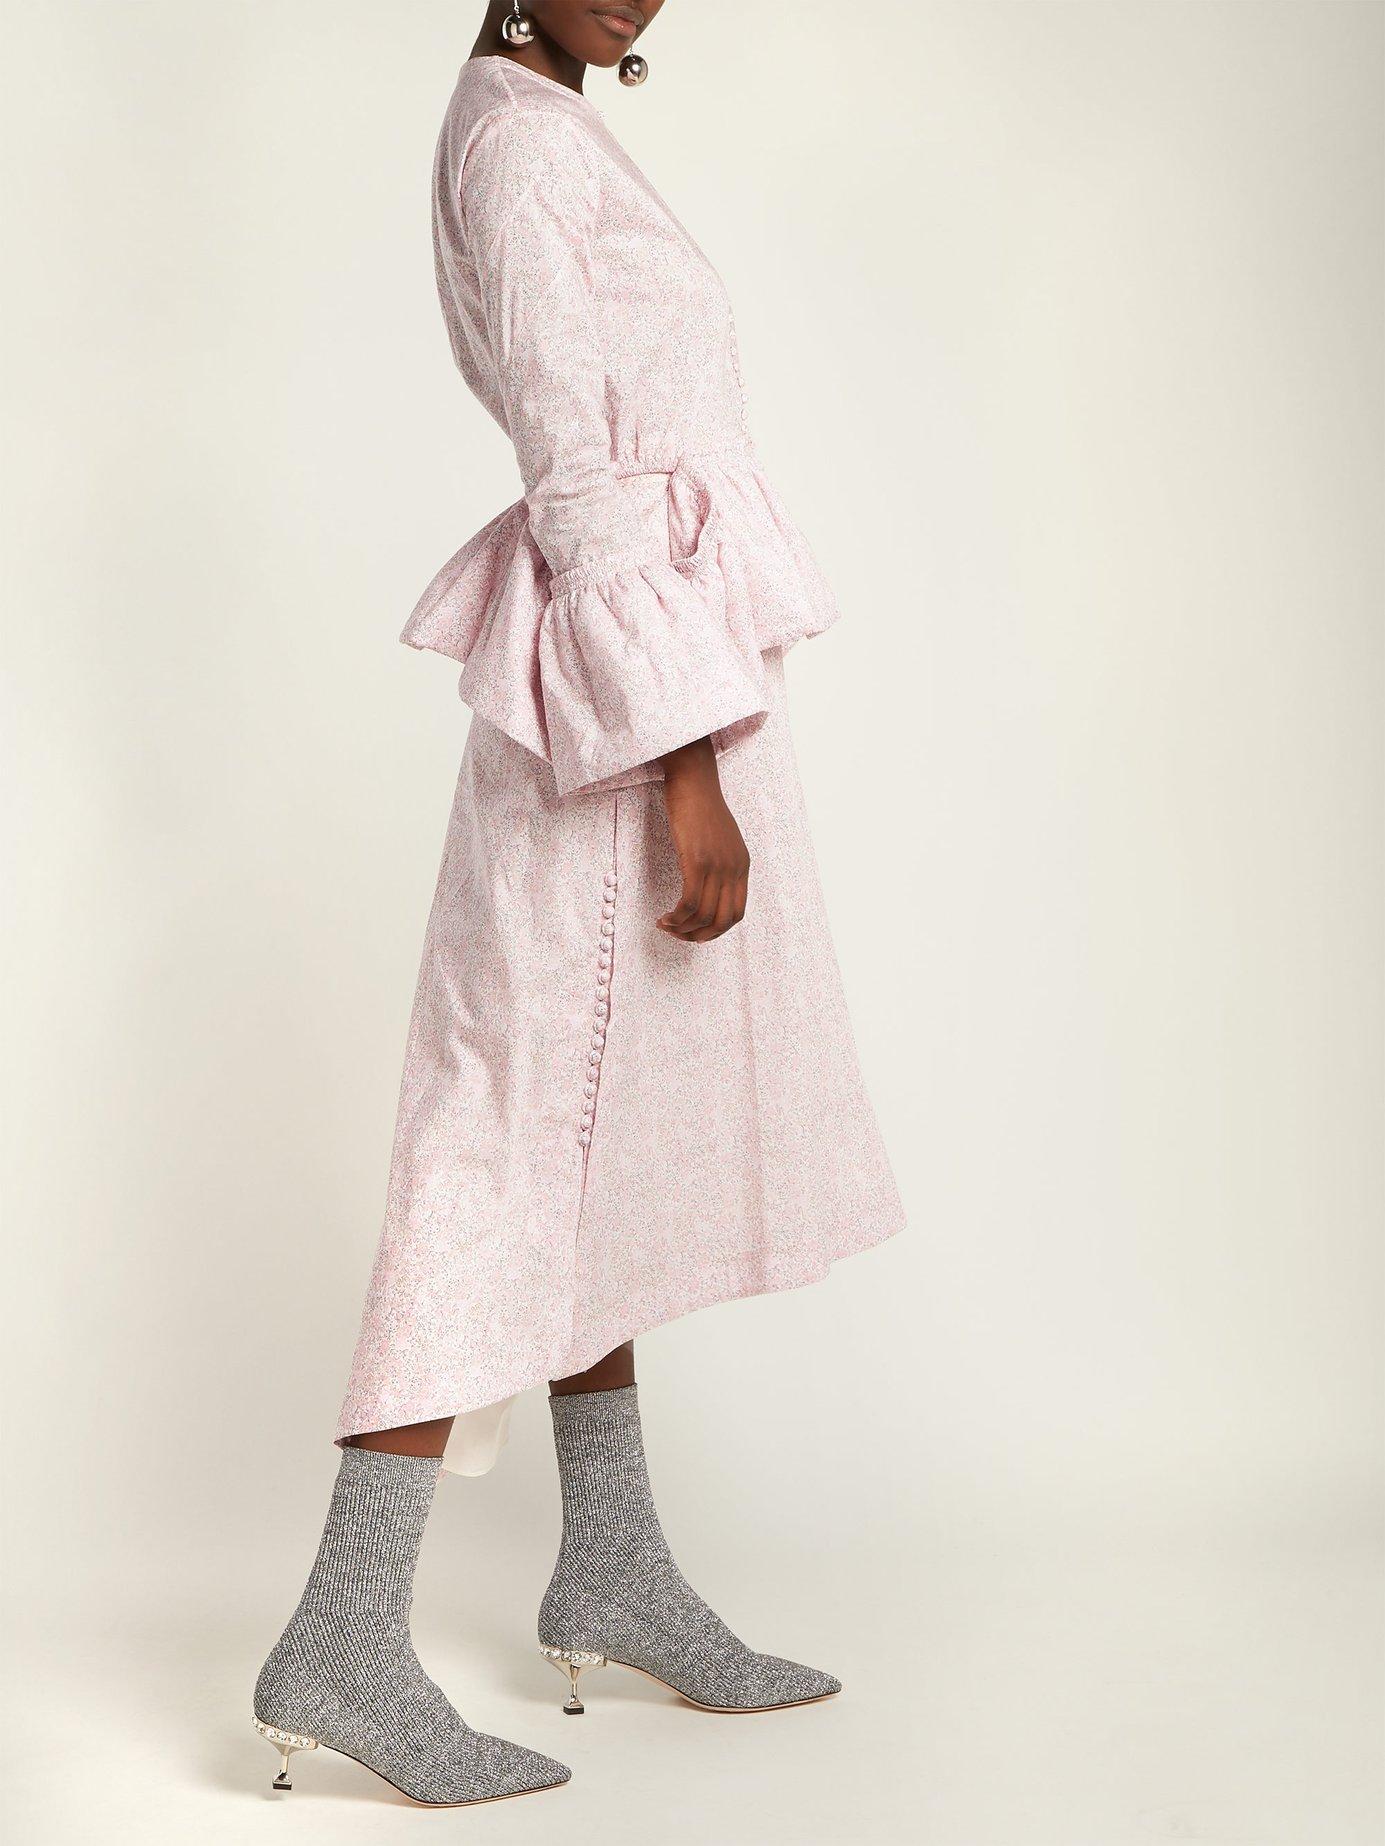 Ribbed-knit metallic-glitter sock ankle boots by Miu Miu